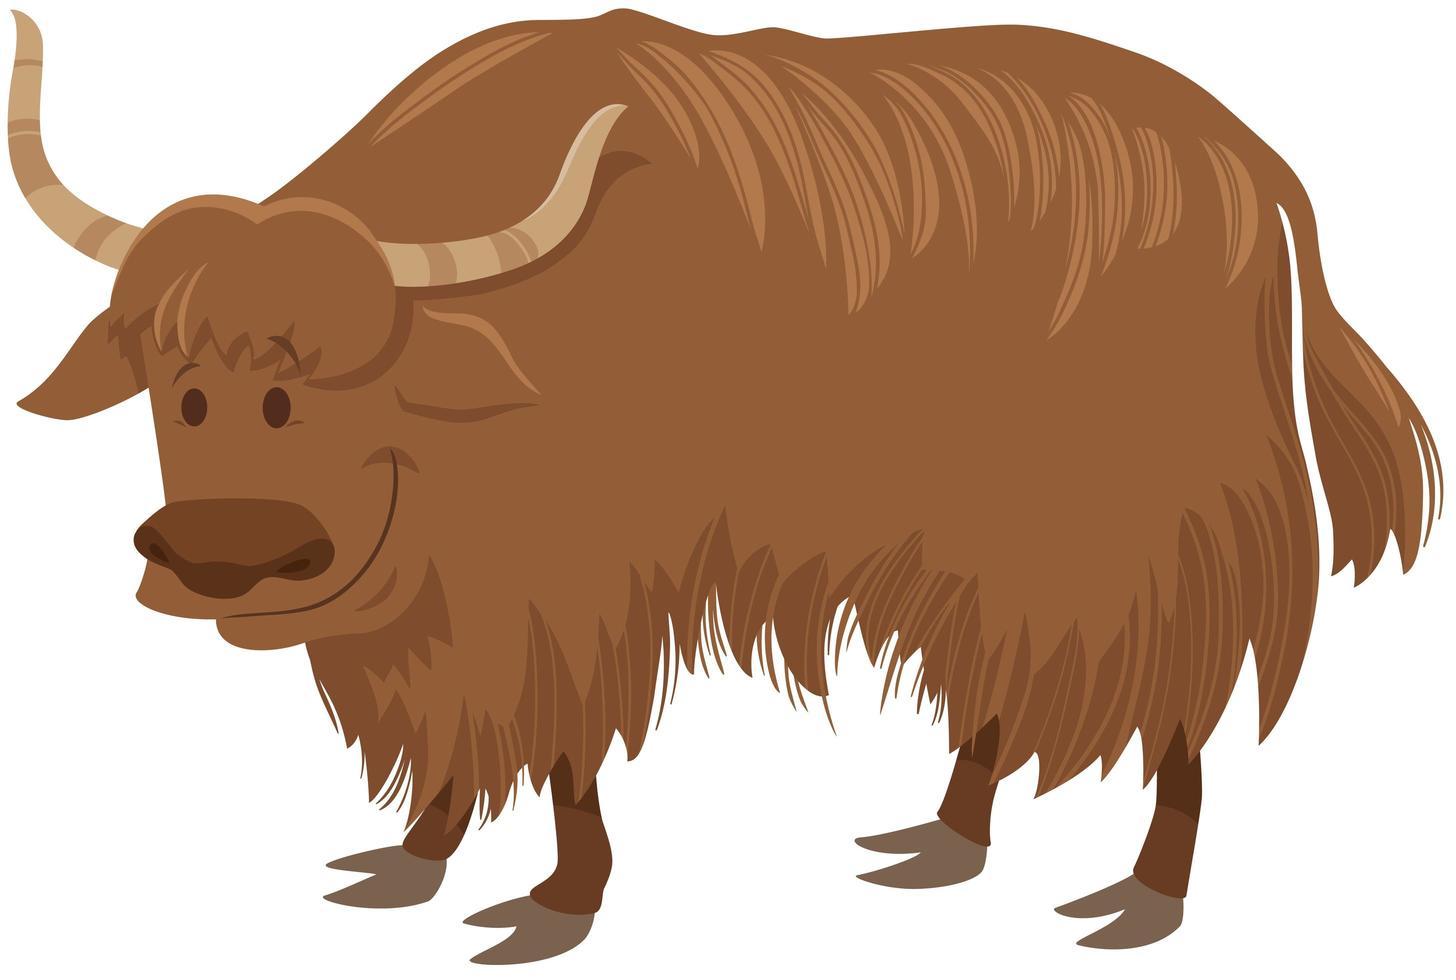 yak cartoon personagem animal selvagem vetor